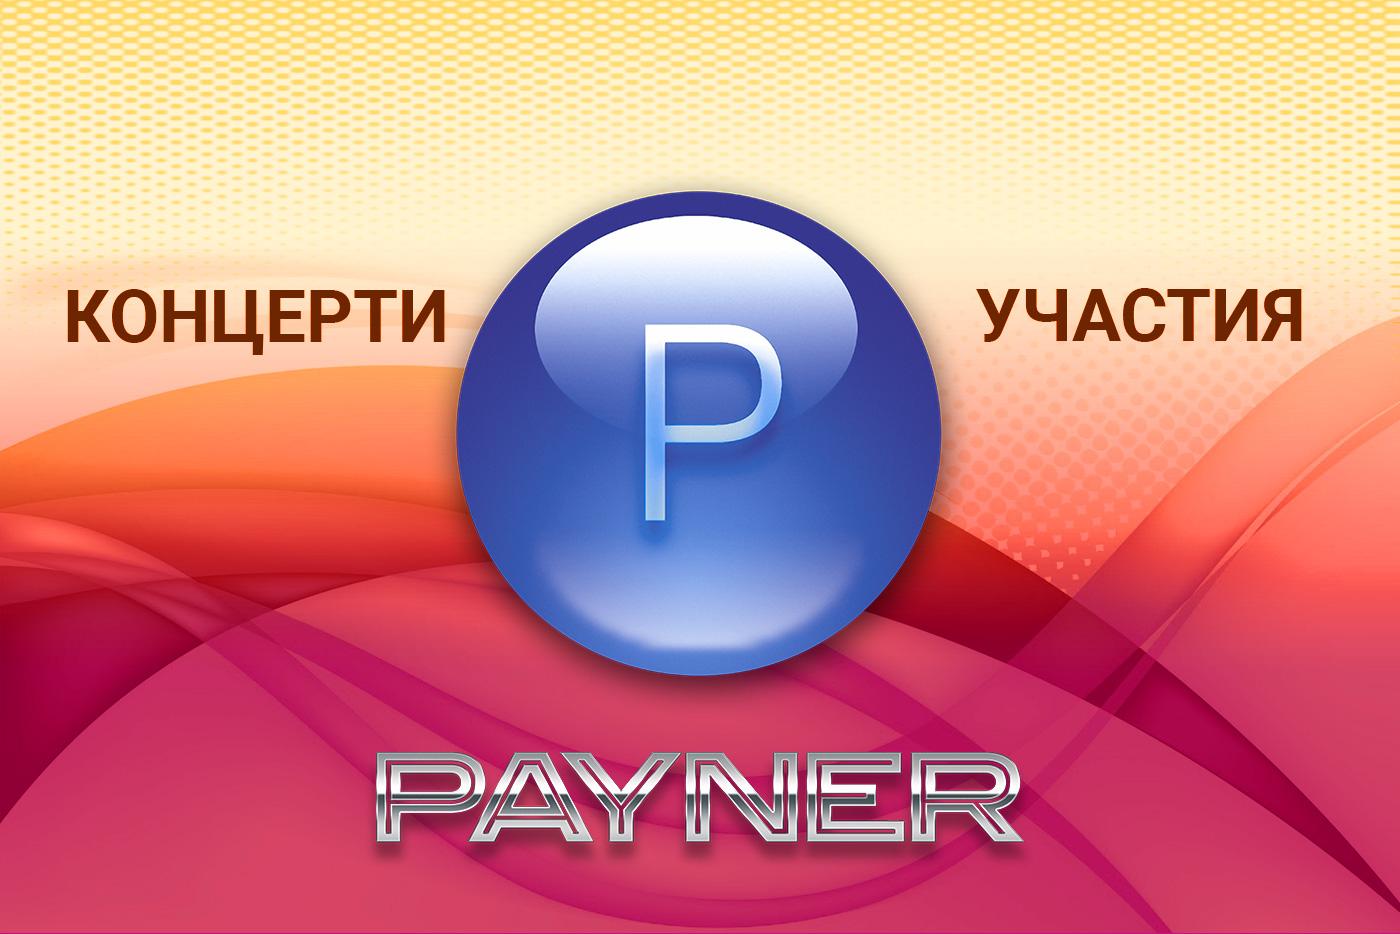 """Участия на звездите на """"Пайнер"""" на 22.09.2018"""